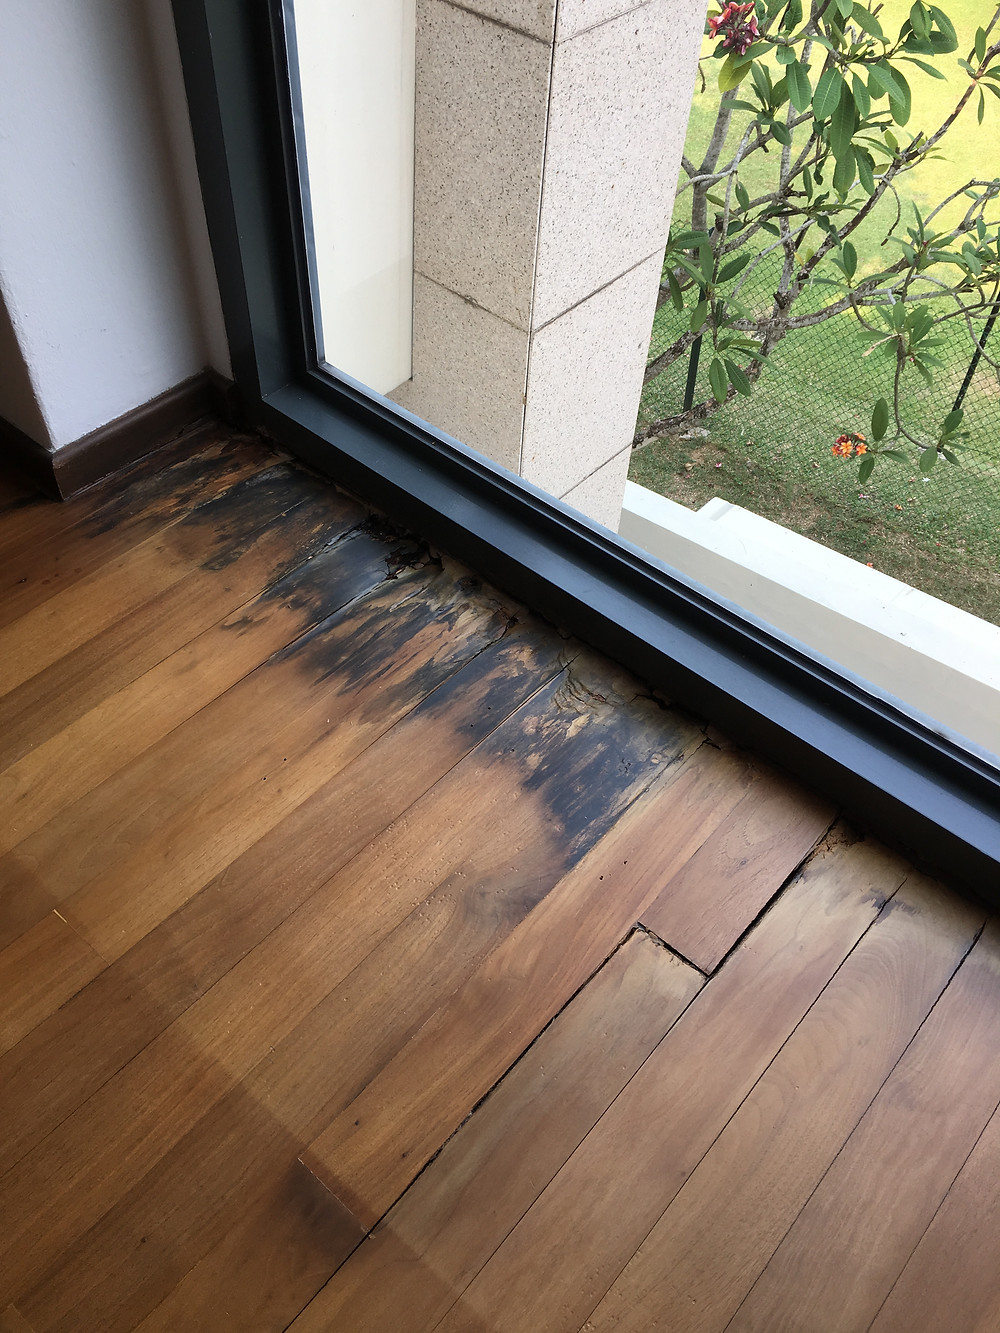 Water Damage On Hardwood Flooring